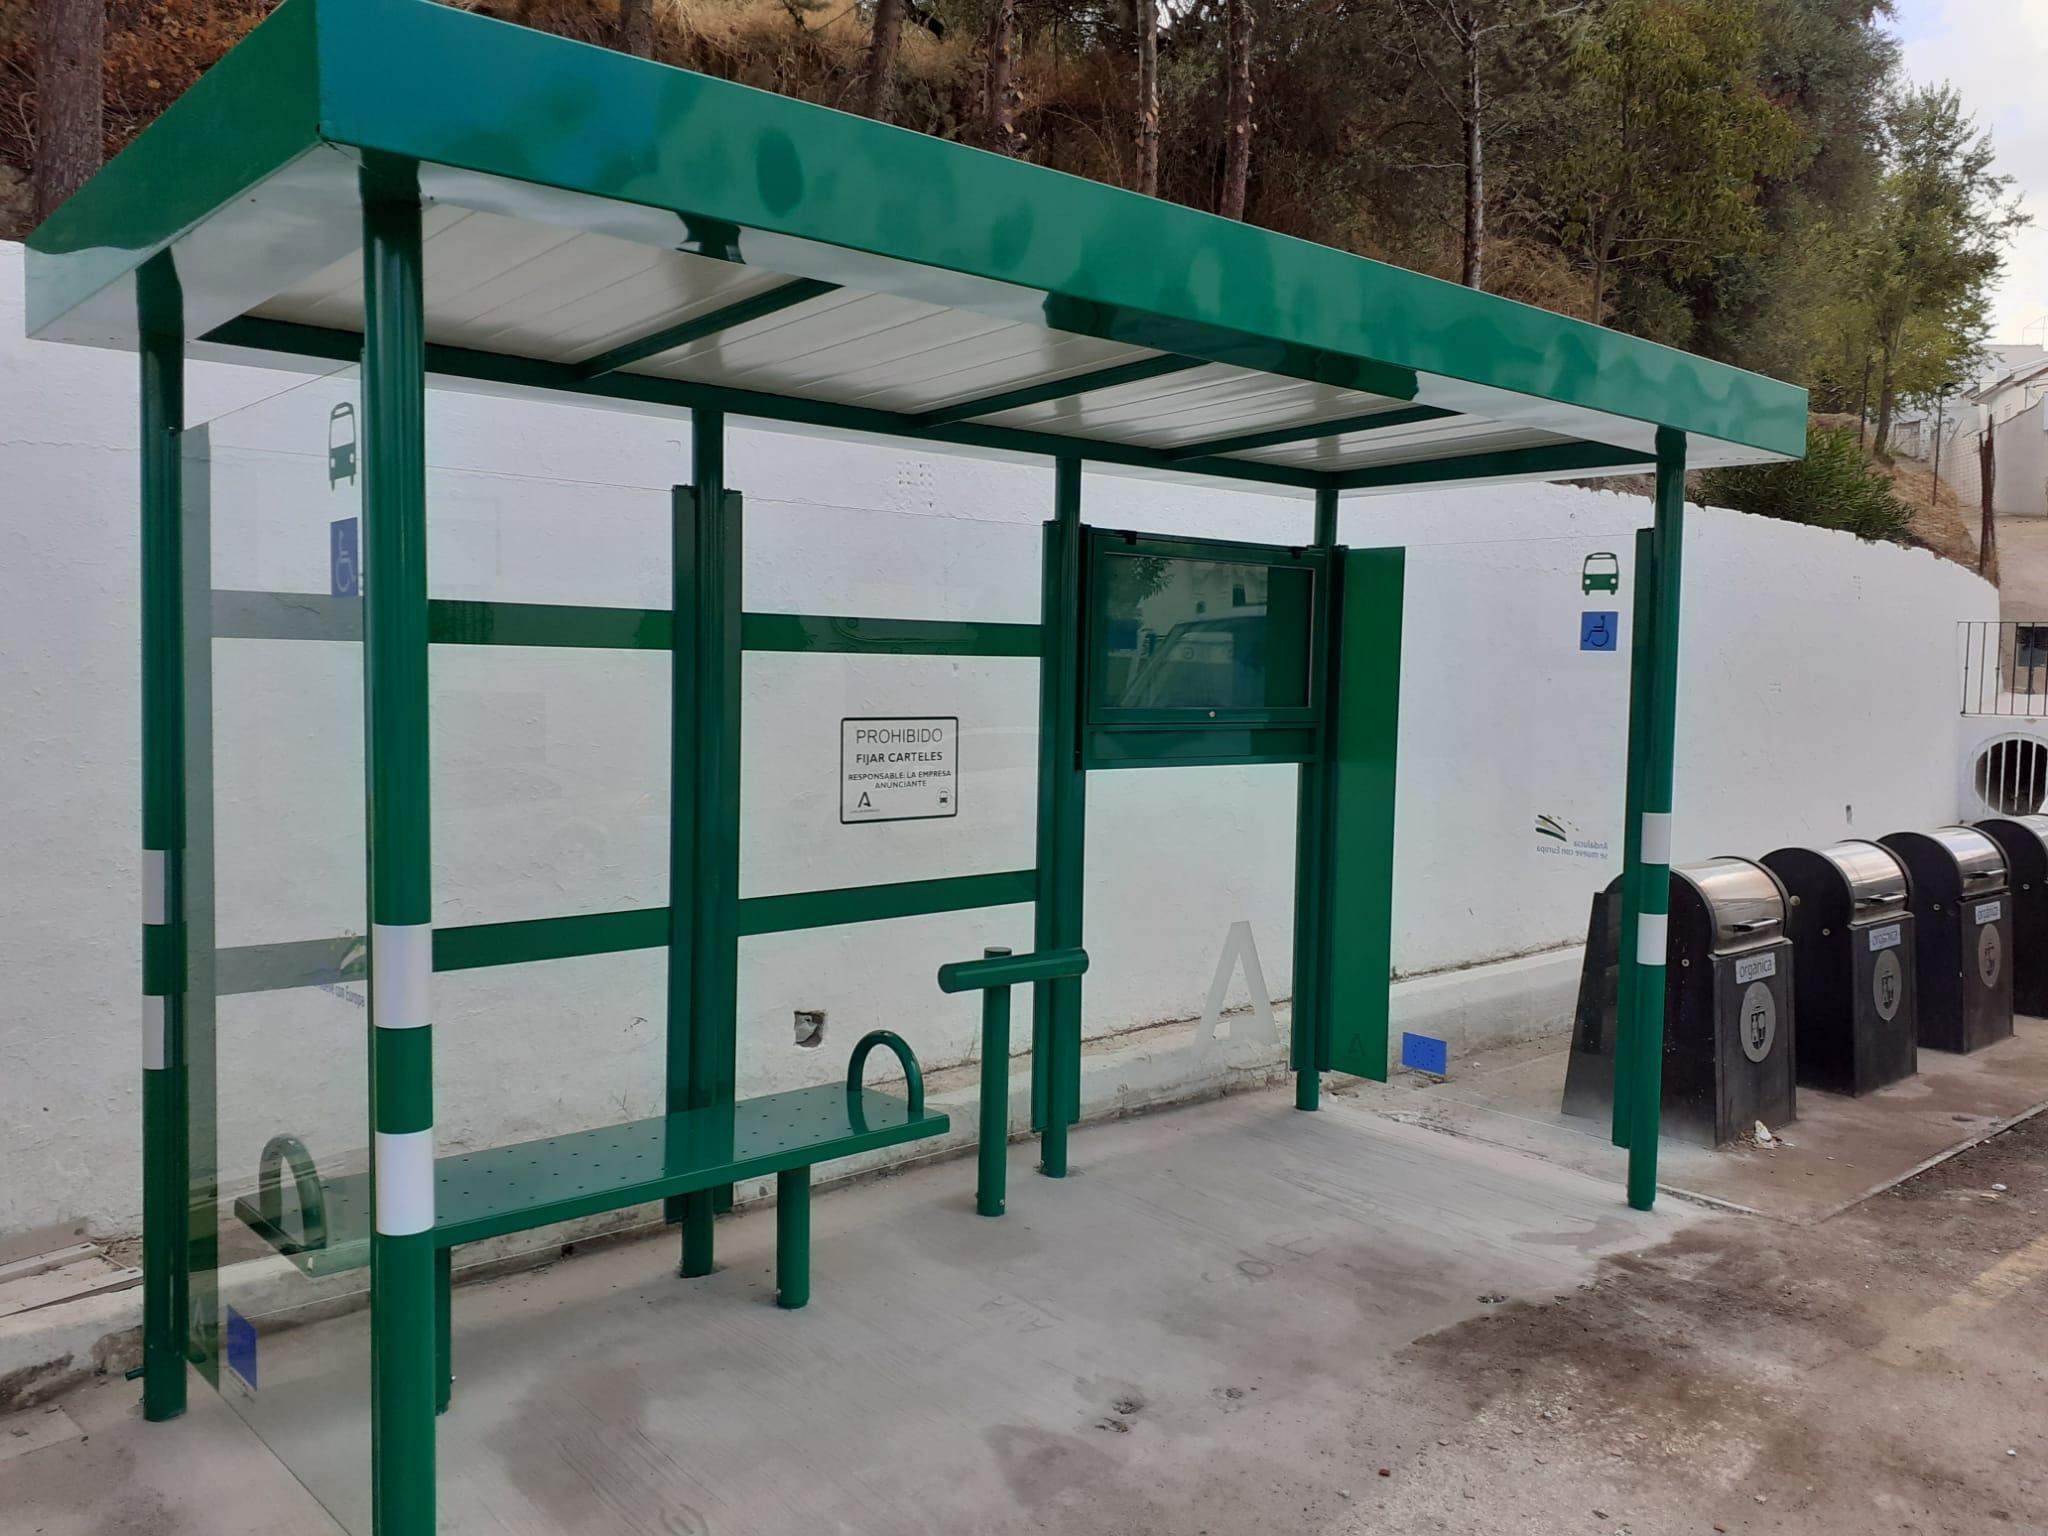 La Junta instala nuevas marquesinas de autobuses en la provincia